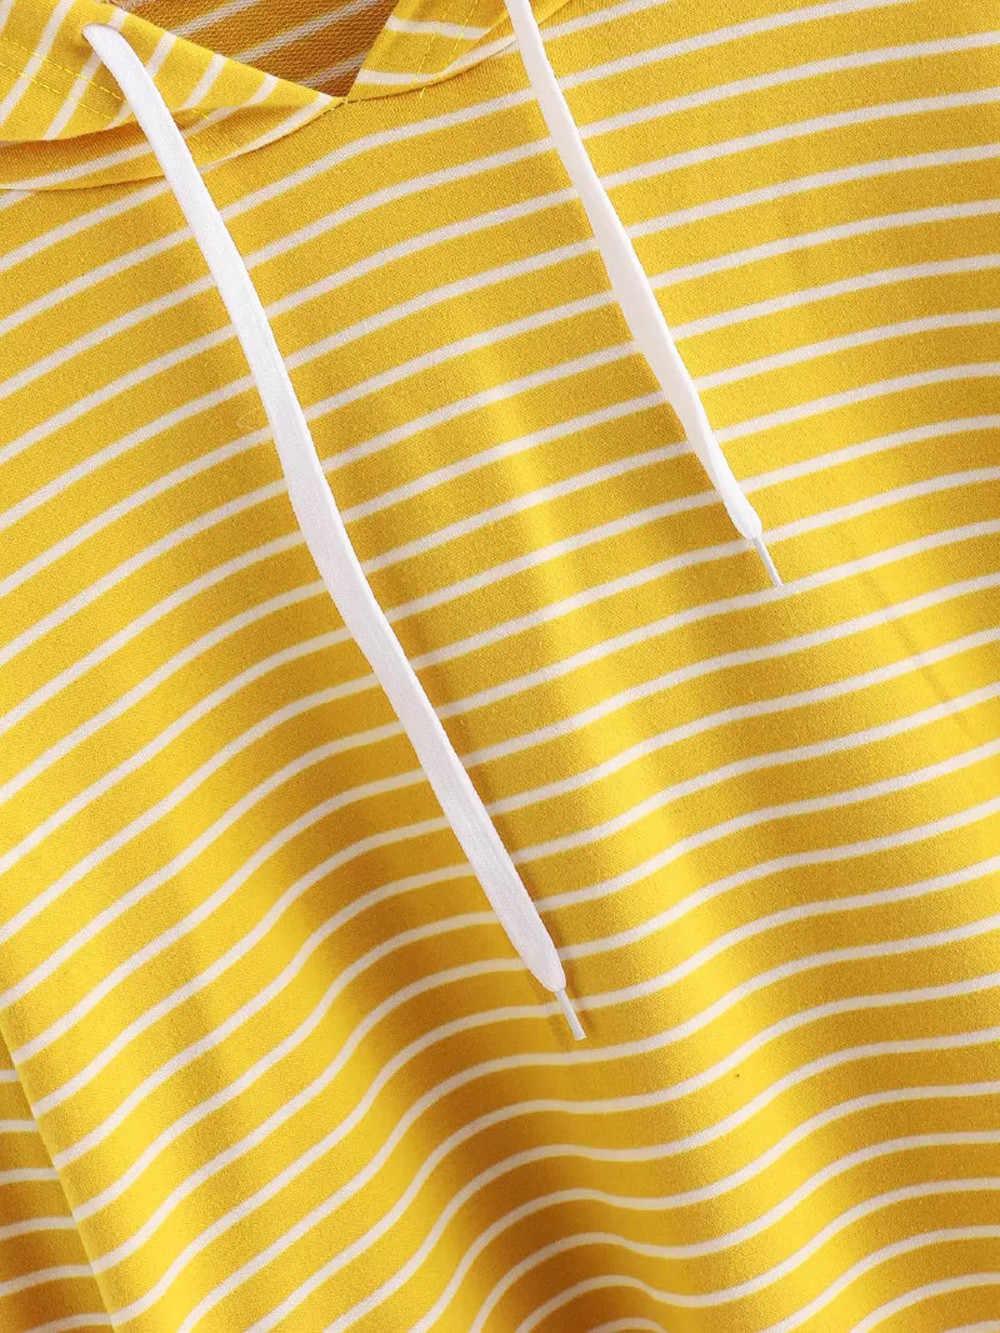 ファッション女性トレーナー長袖 Tシャツストライプパーカー 7 分丈女性のため 2019 カジュアルトップスブラウス sudadera mujer